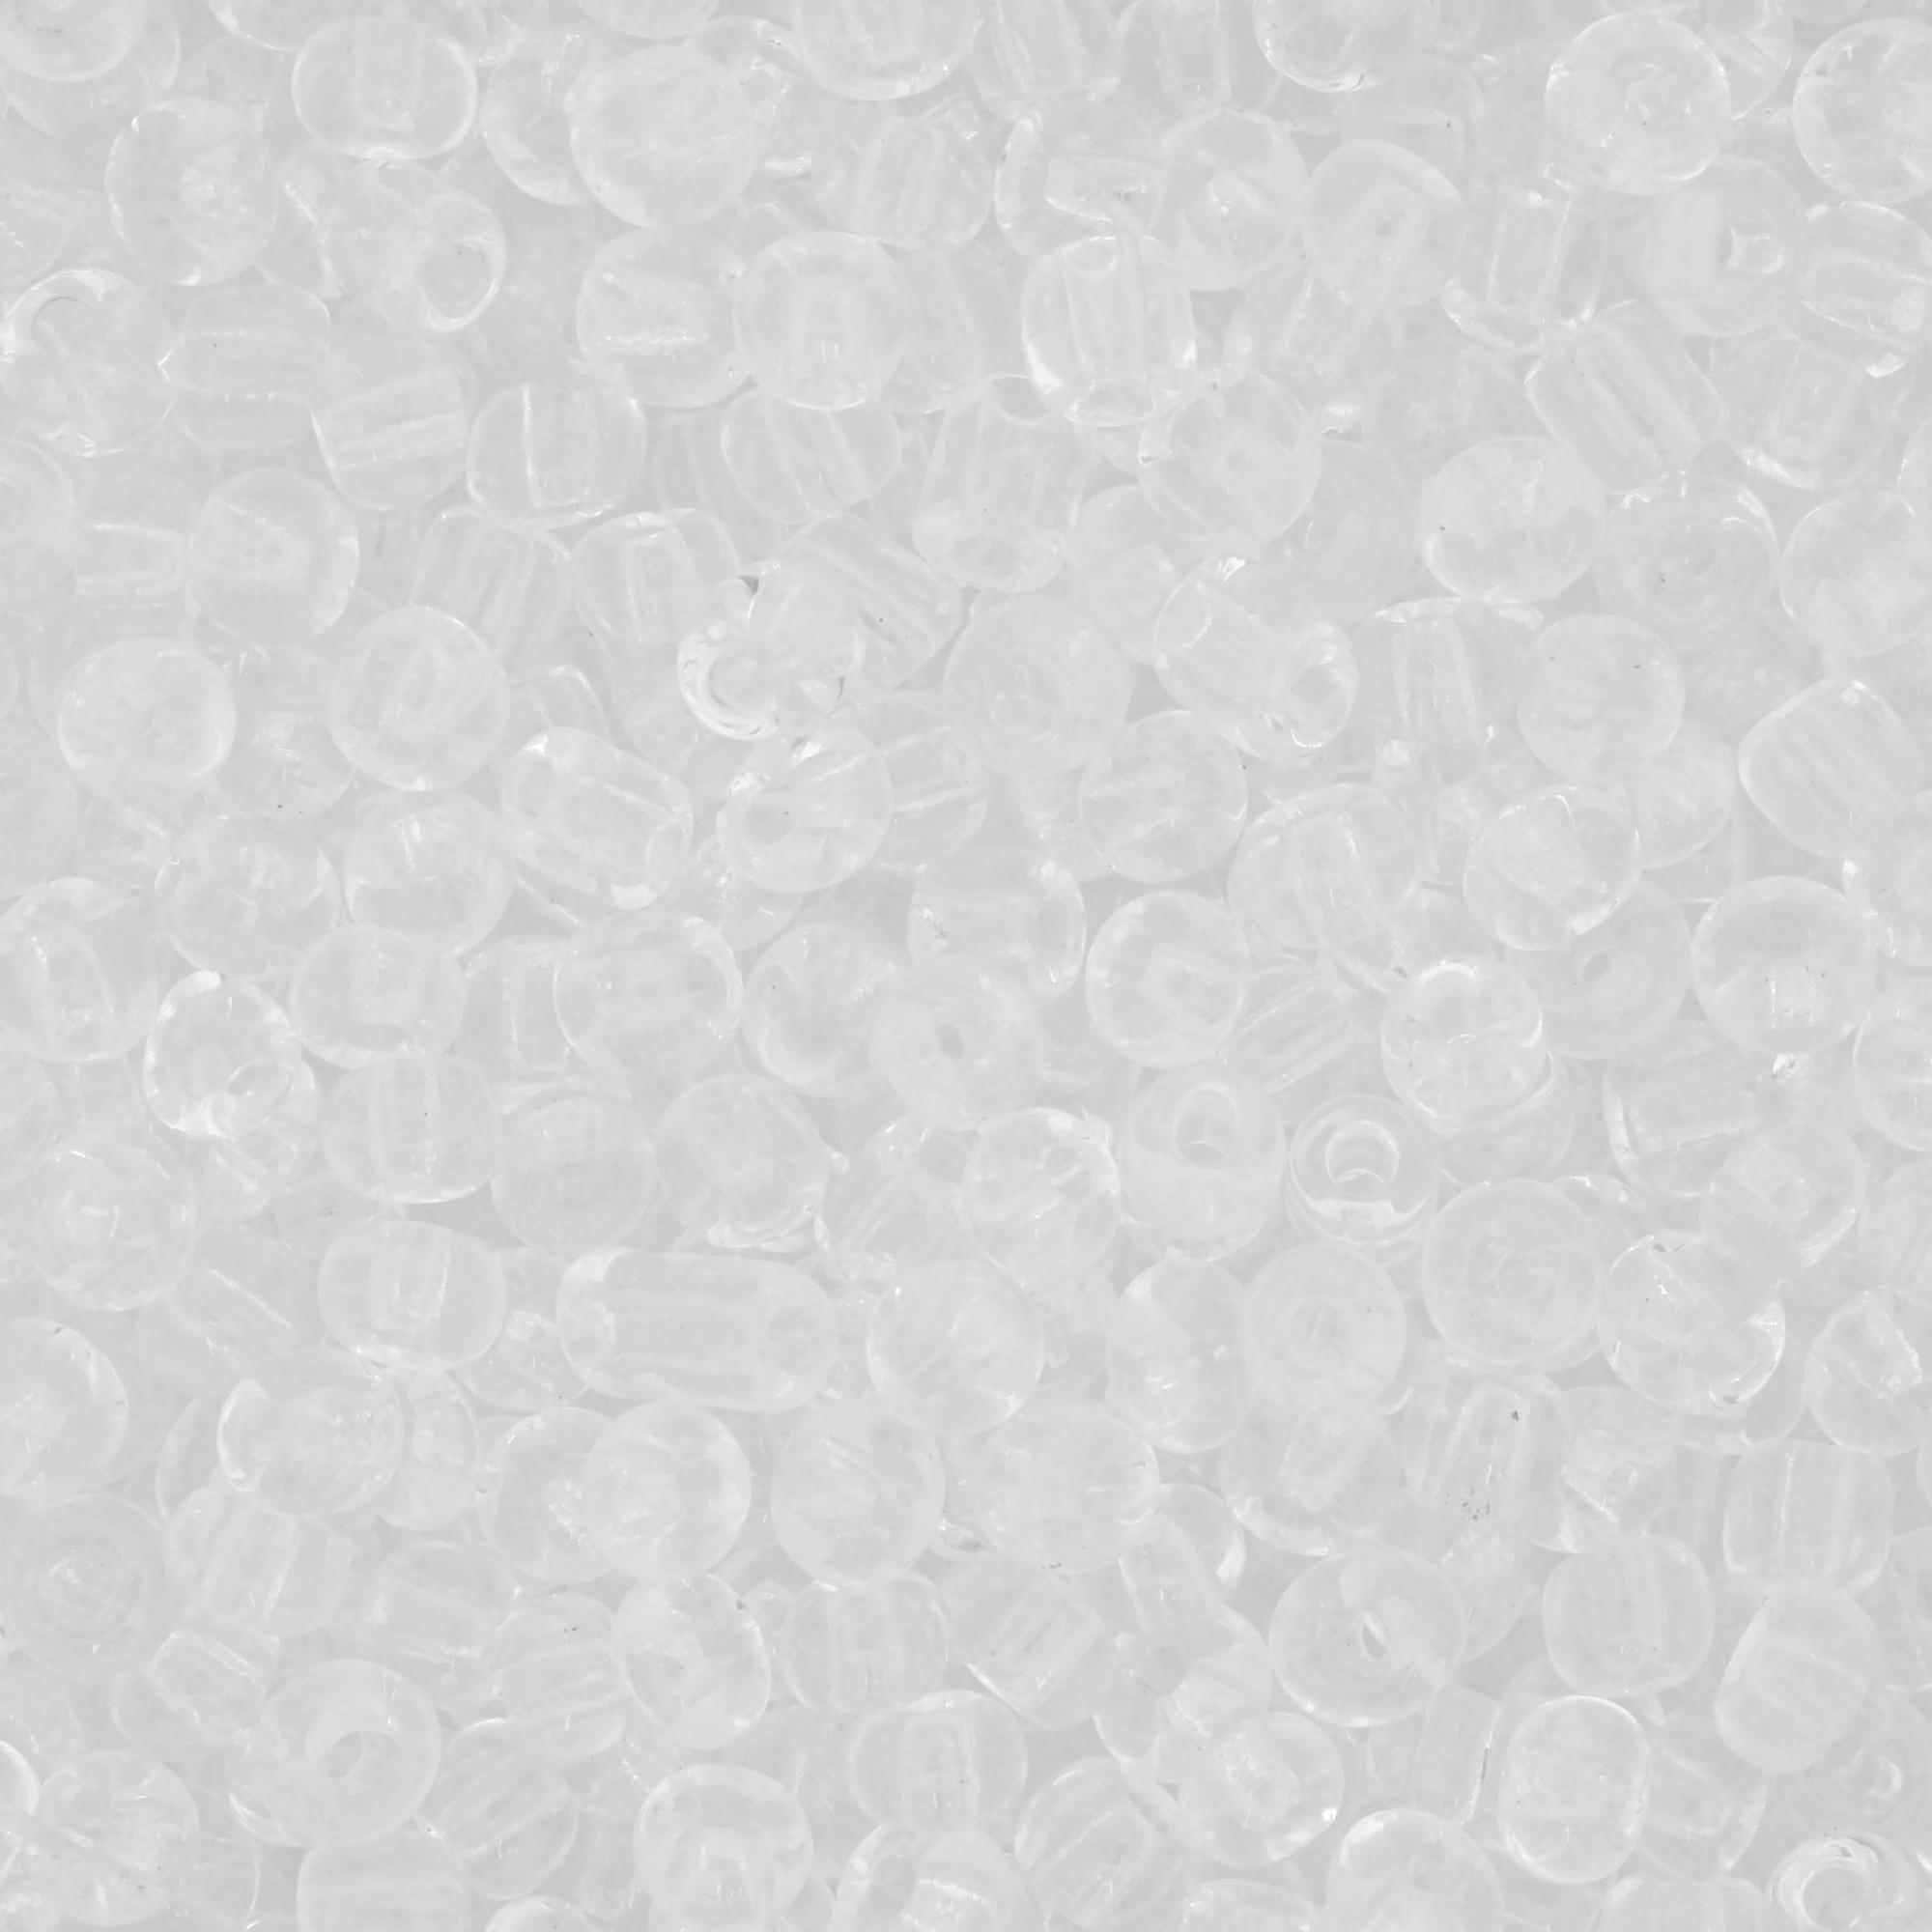 Miçanga 6/0 - 4.0x3.0mm - Translúcida  - Universo Religioso® - Artigos de Umbanda e Candomblé